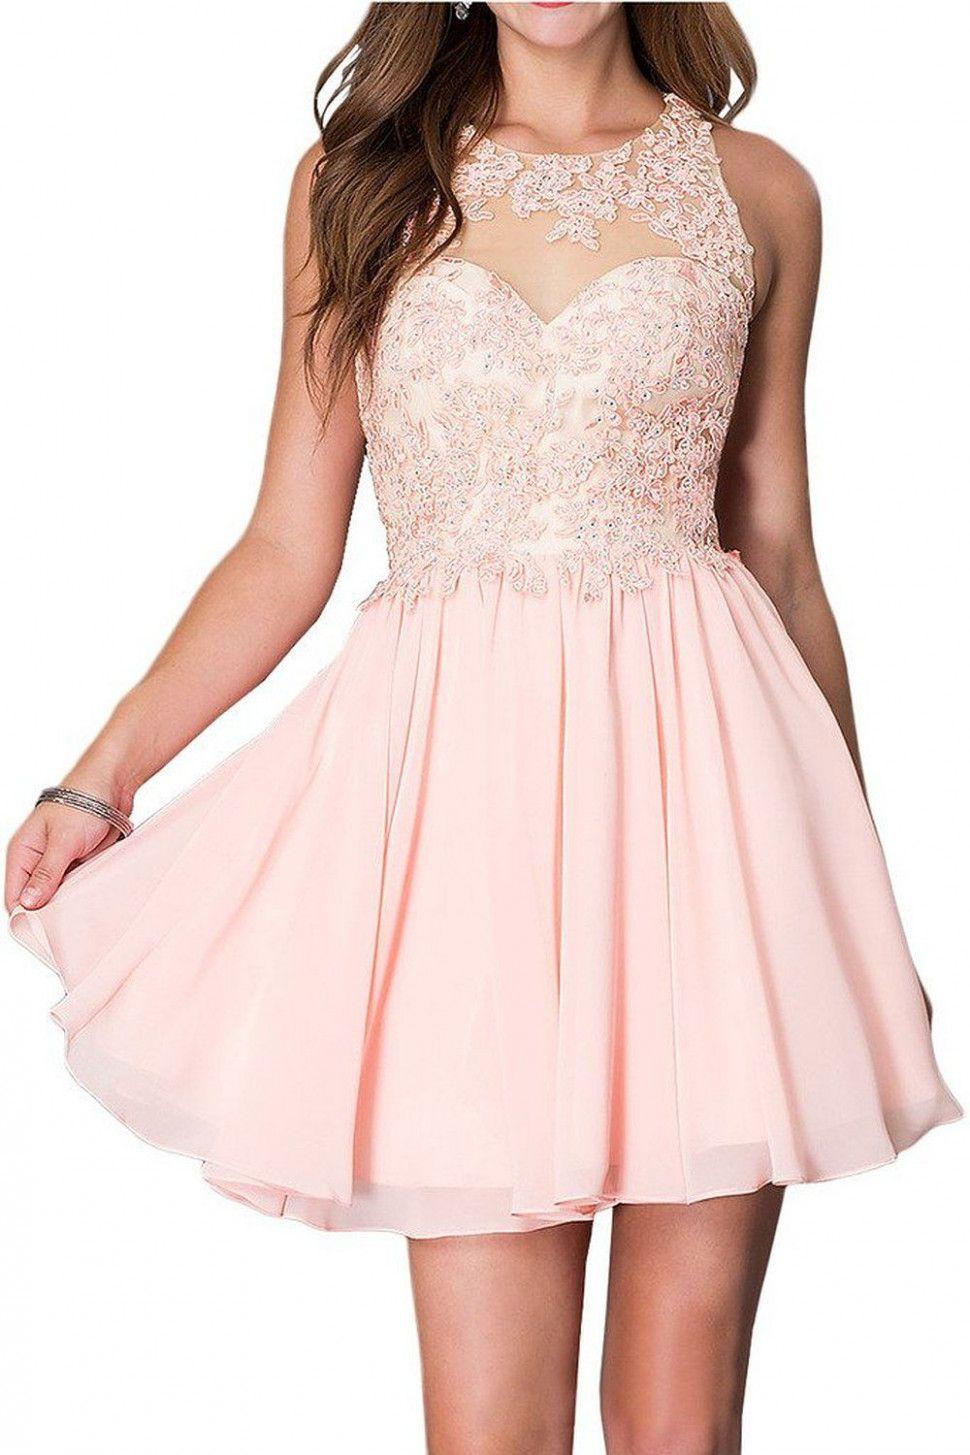 19 Schöne Kleider Damen in 19  Kleider, Schöne kleider, Kleider